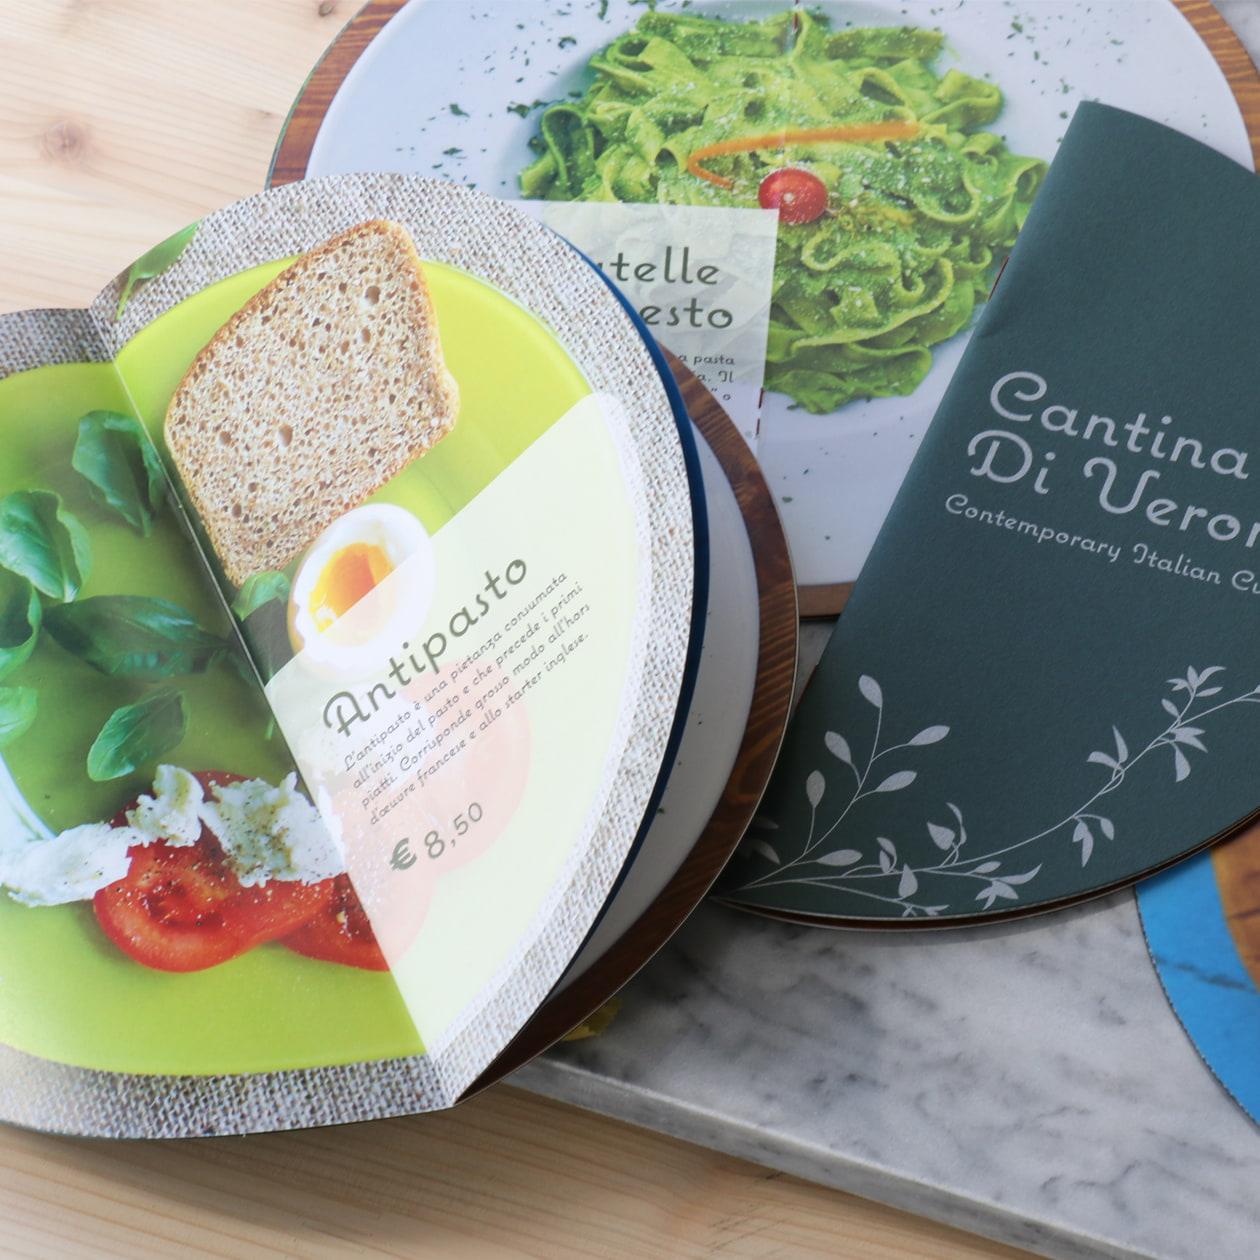 商品を使ったレシピを紹介する冊子